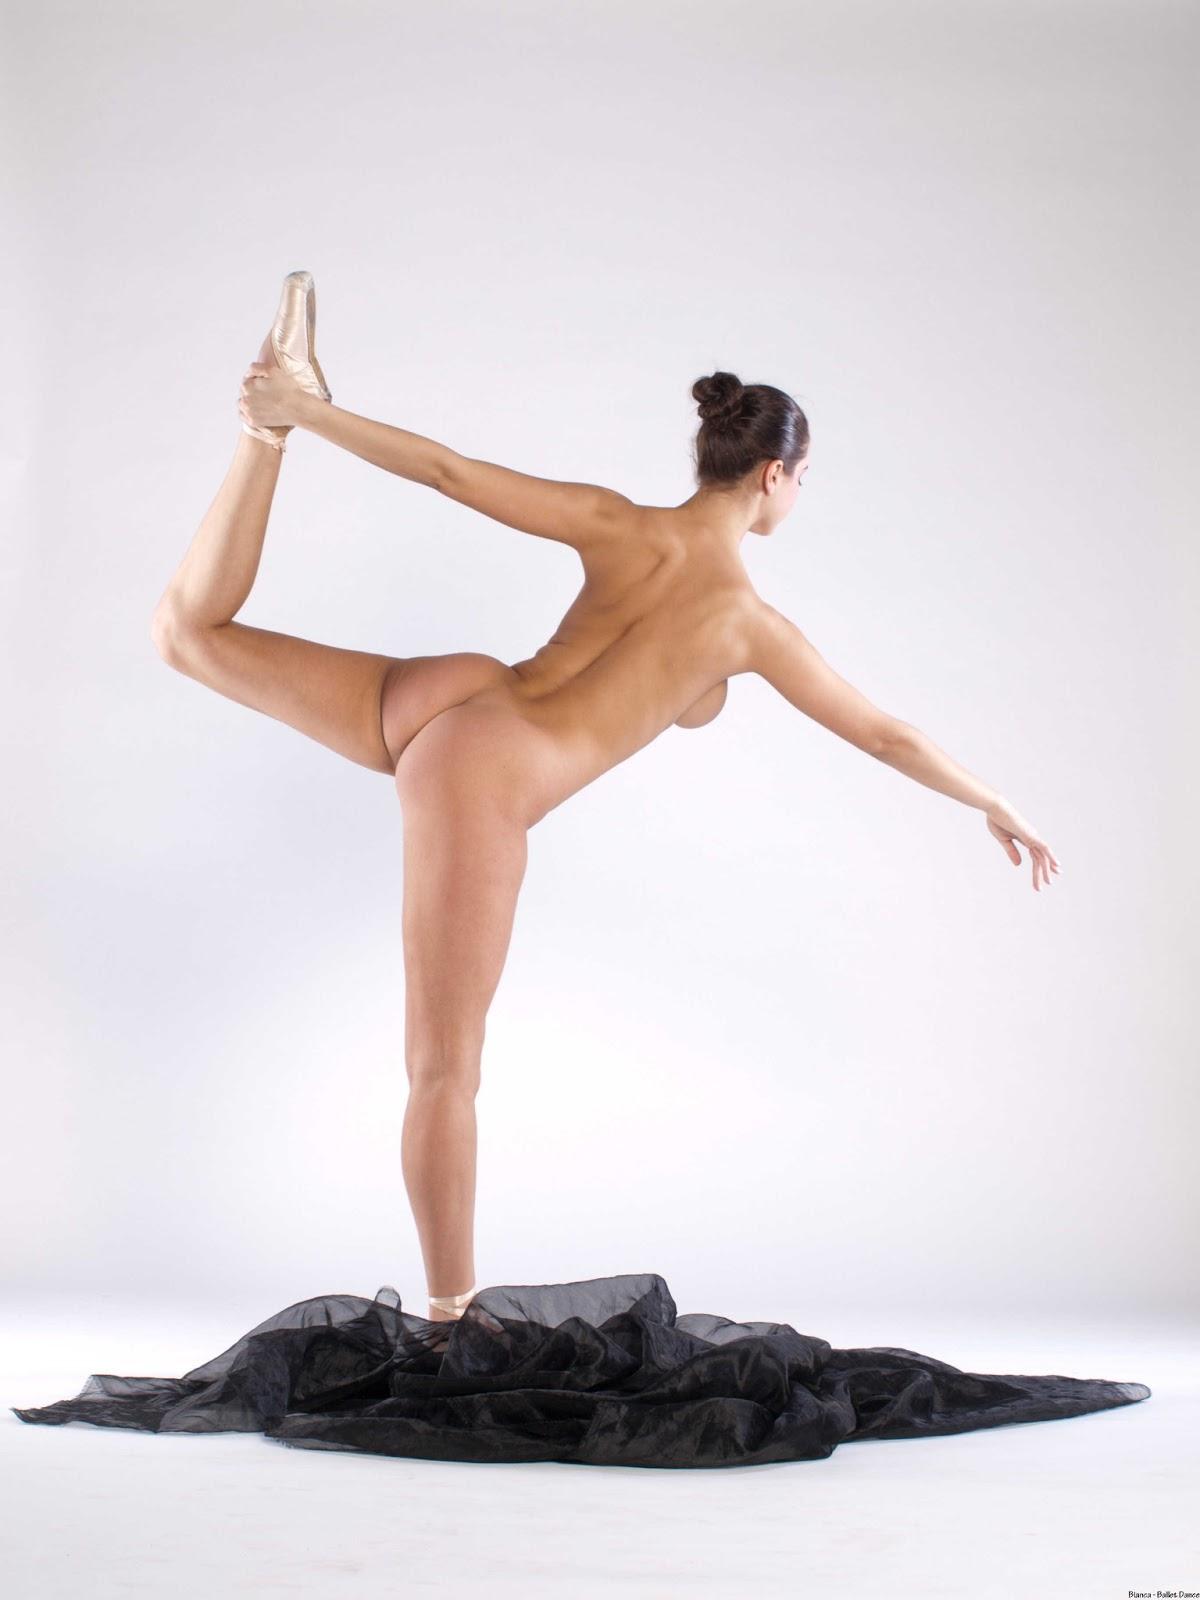 закричал, макс просмотр голый балет в онлайне знает сколько привлекательно